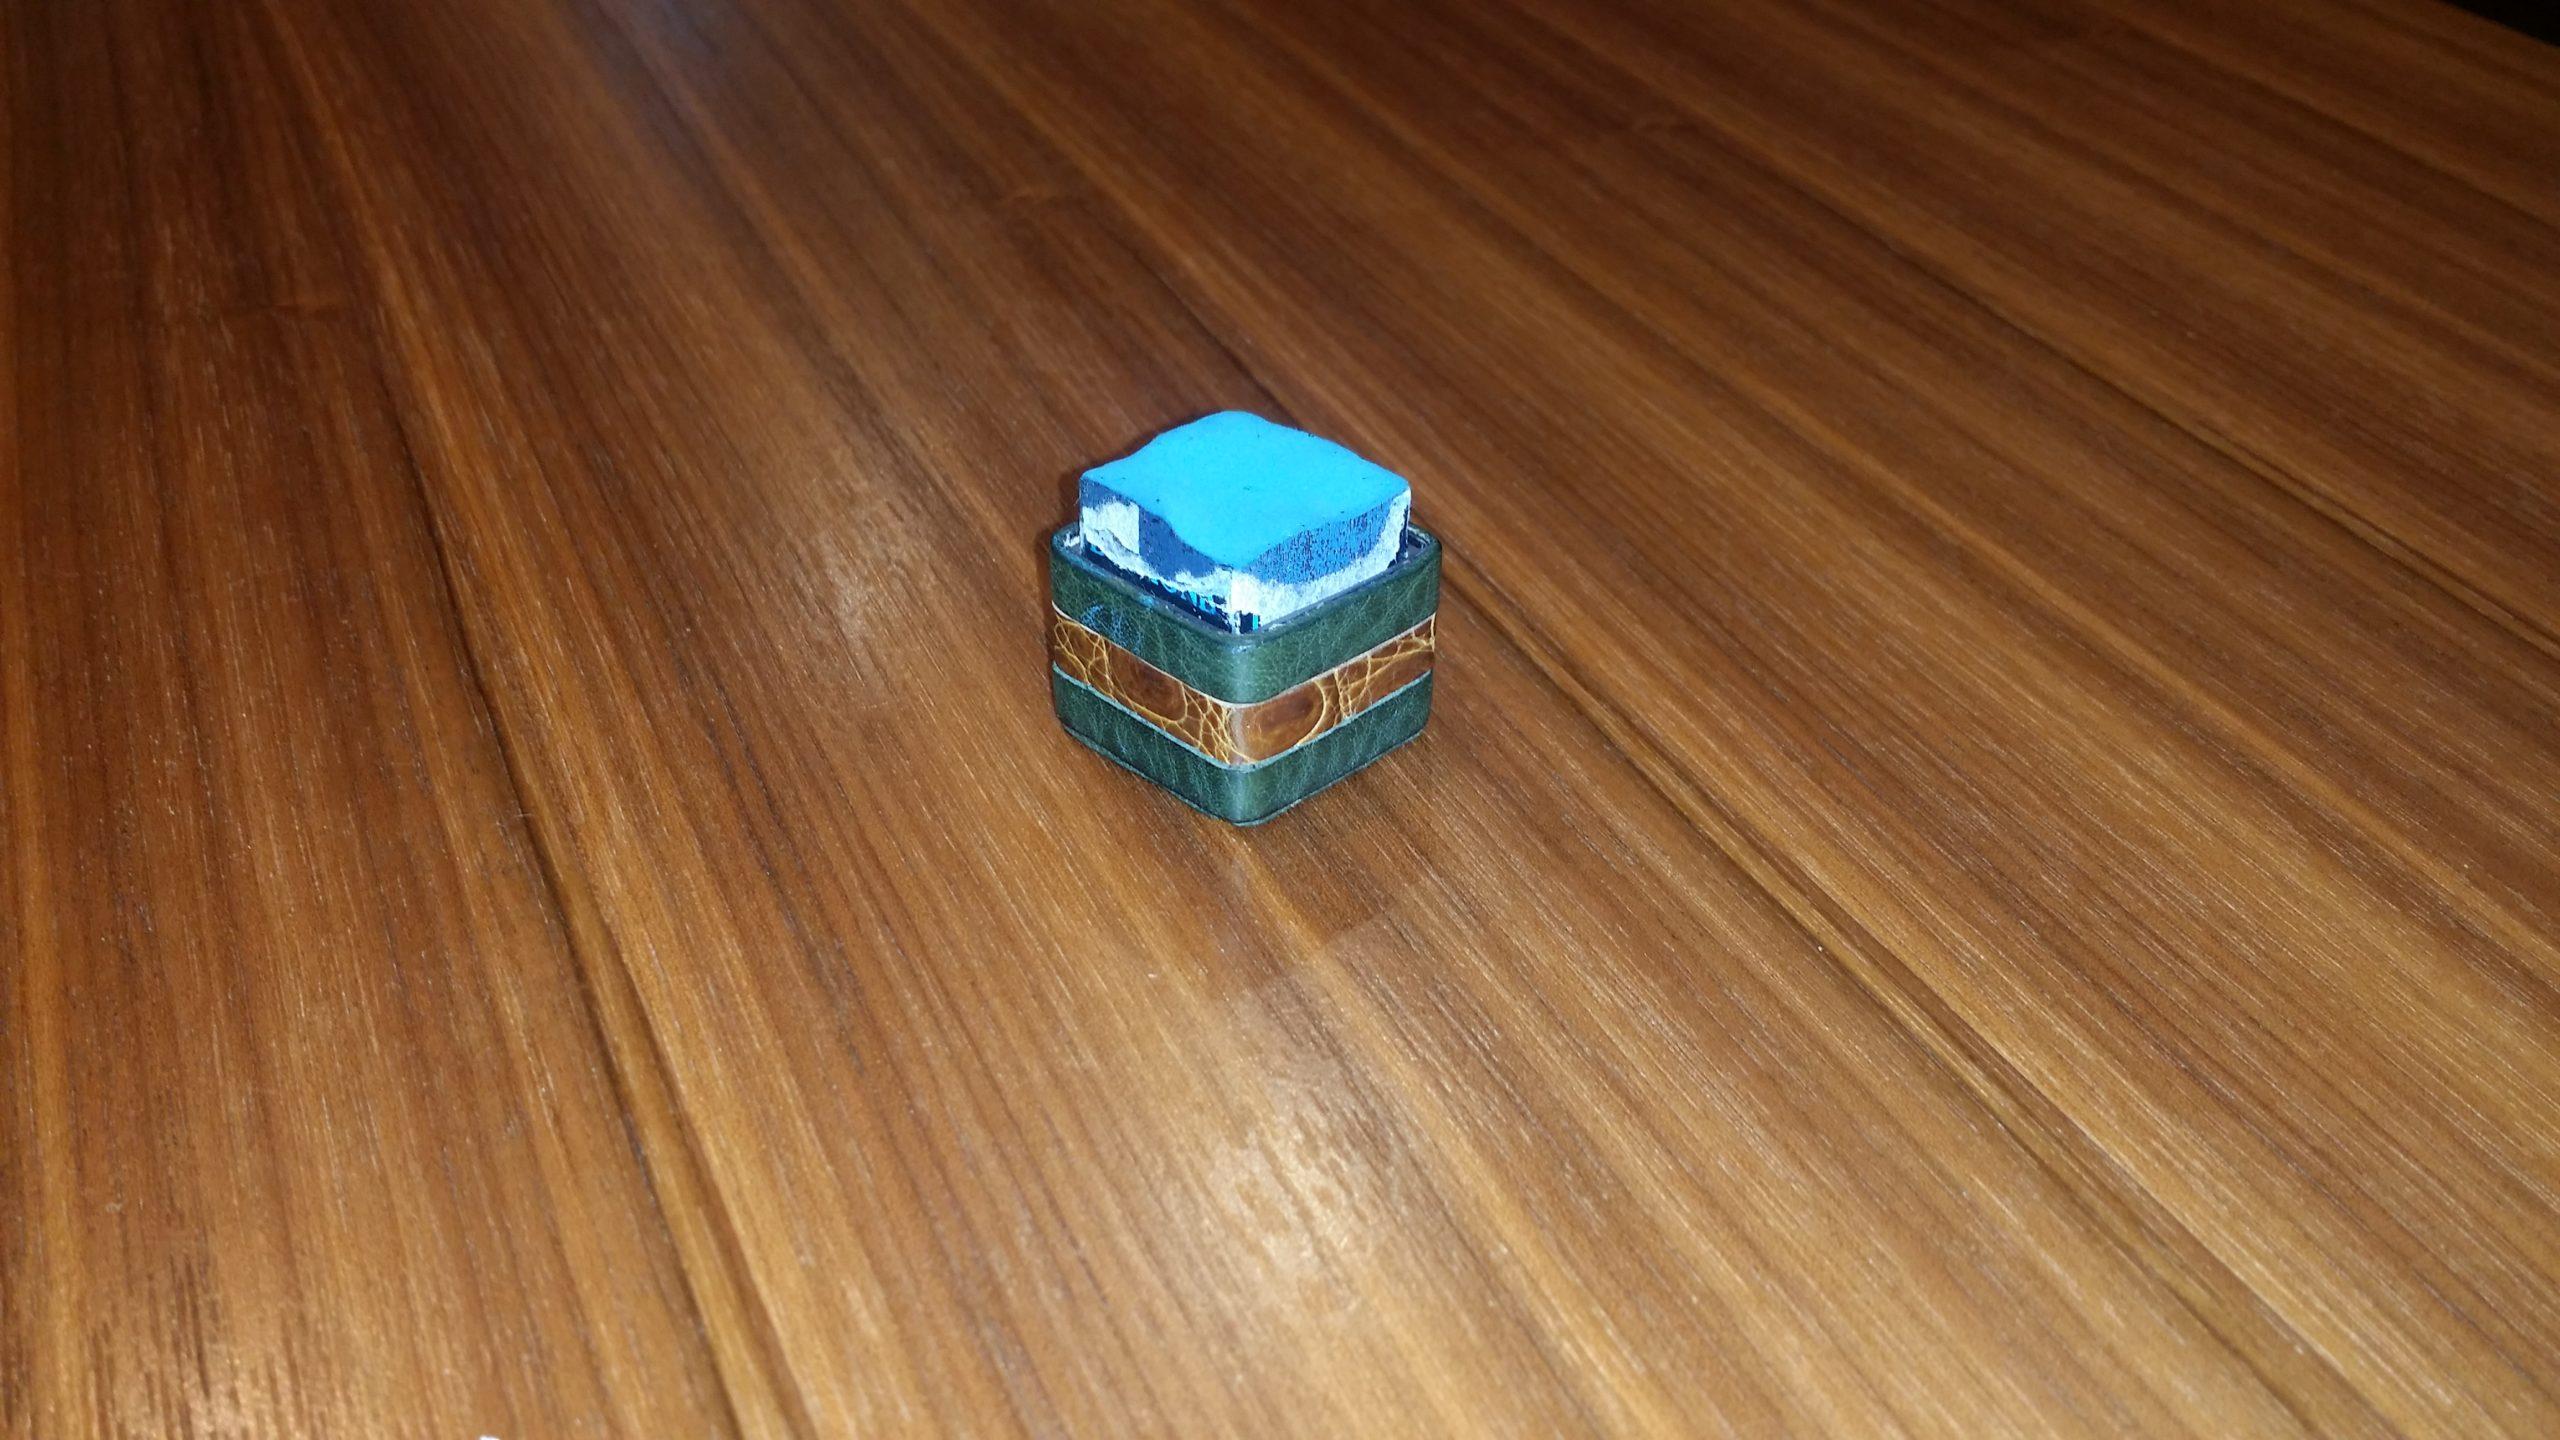 ビリヤードチョークケース 自作例 着せ替え機能付き